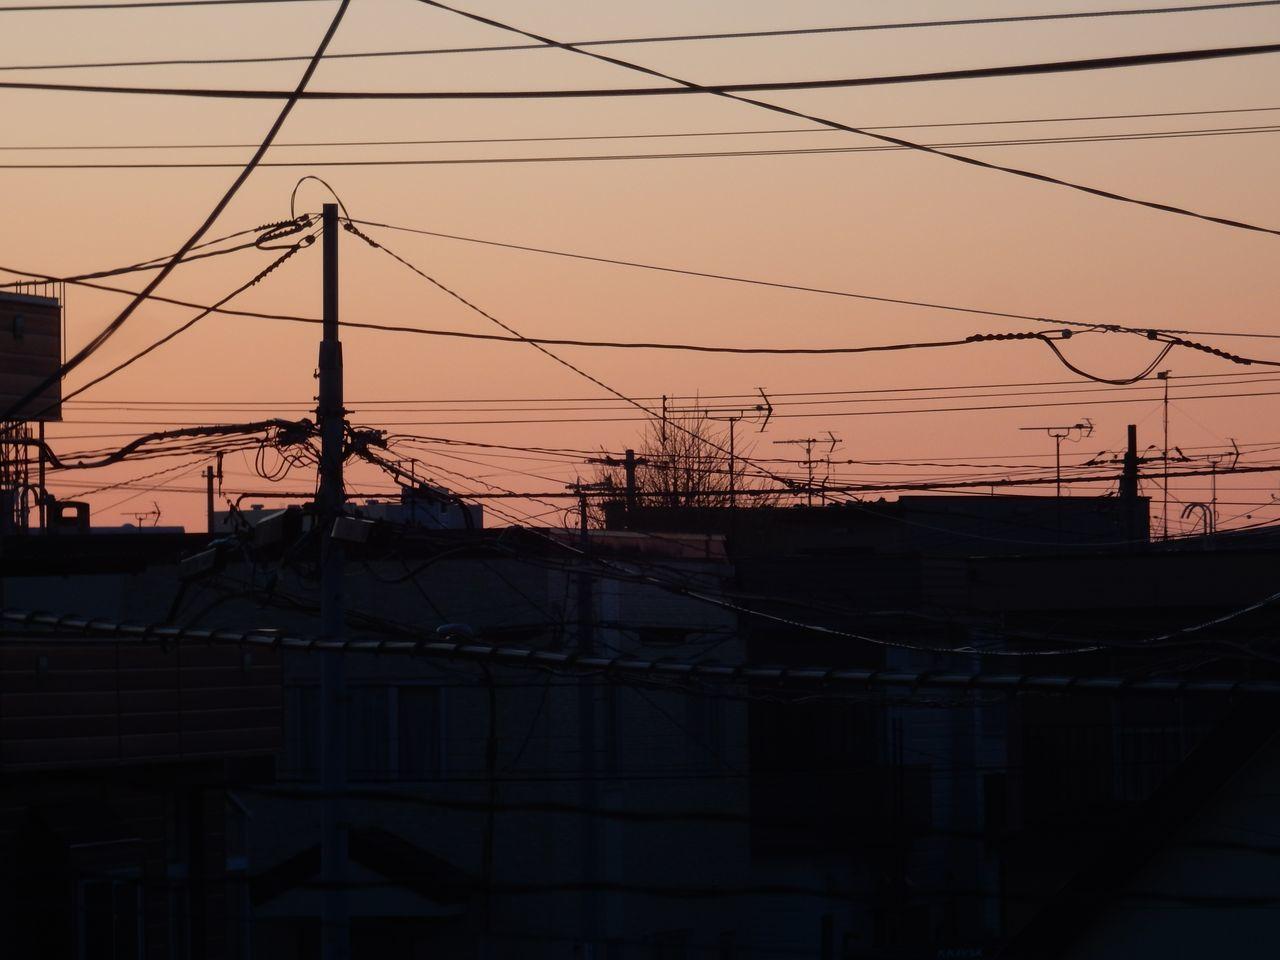 気温が激しく上下する毎日_c0025115_22204546.jpg